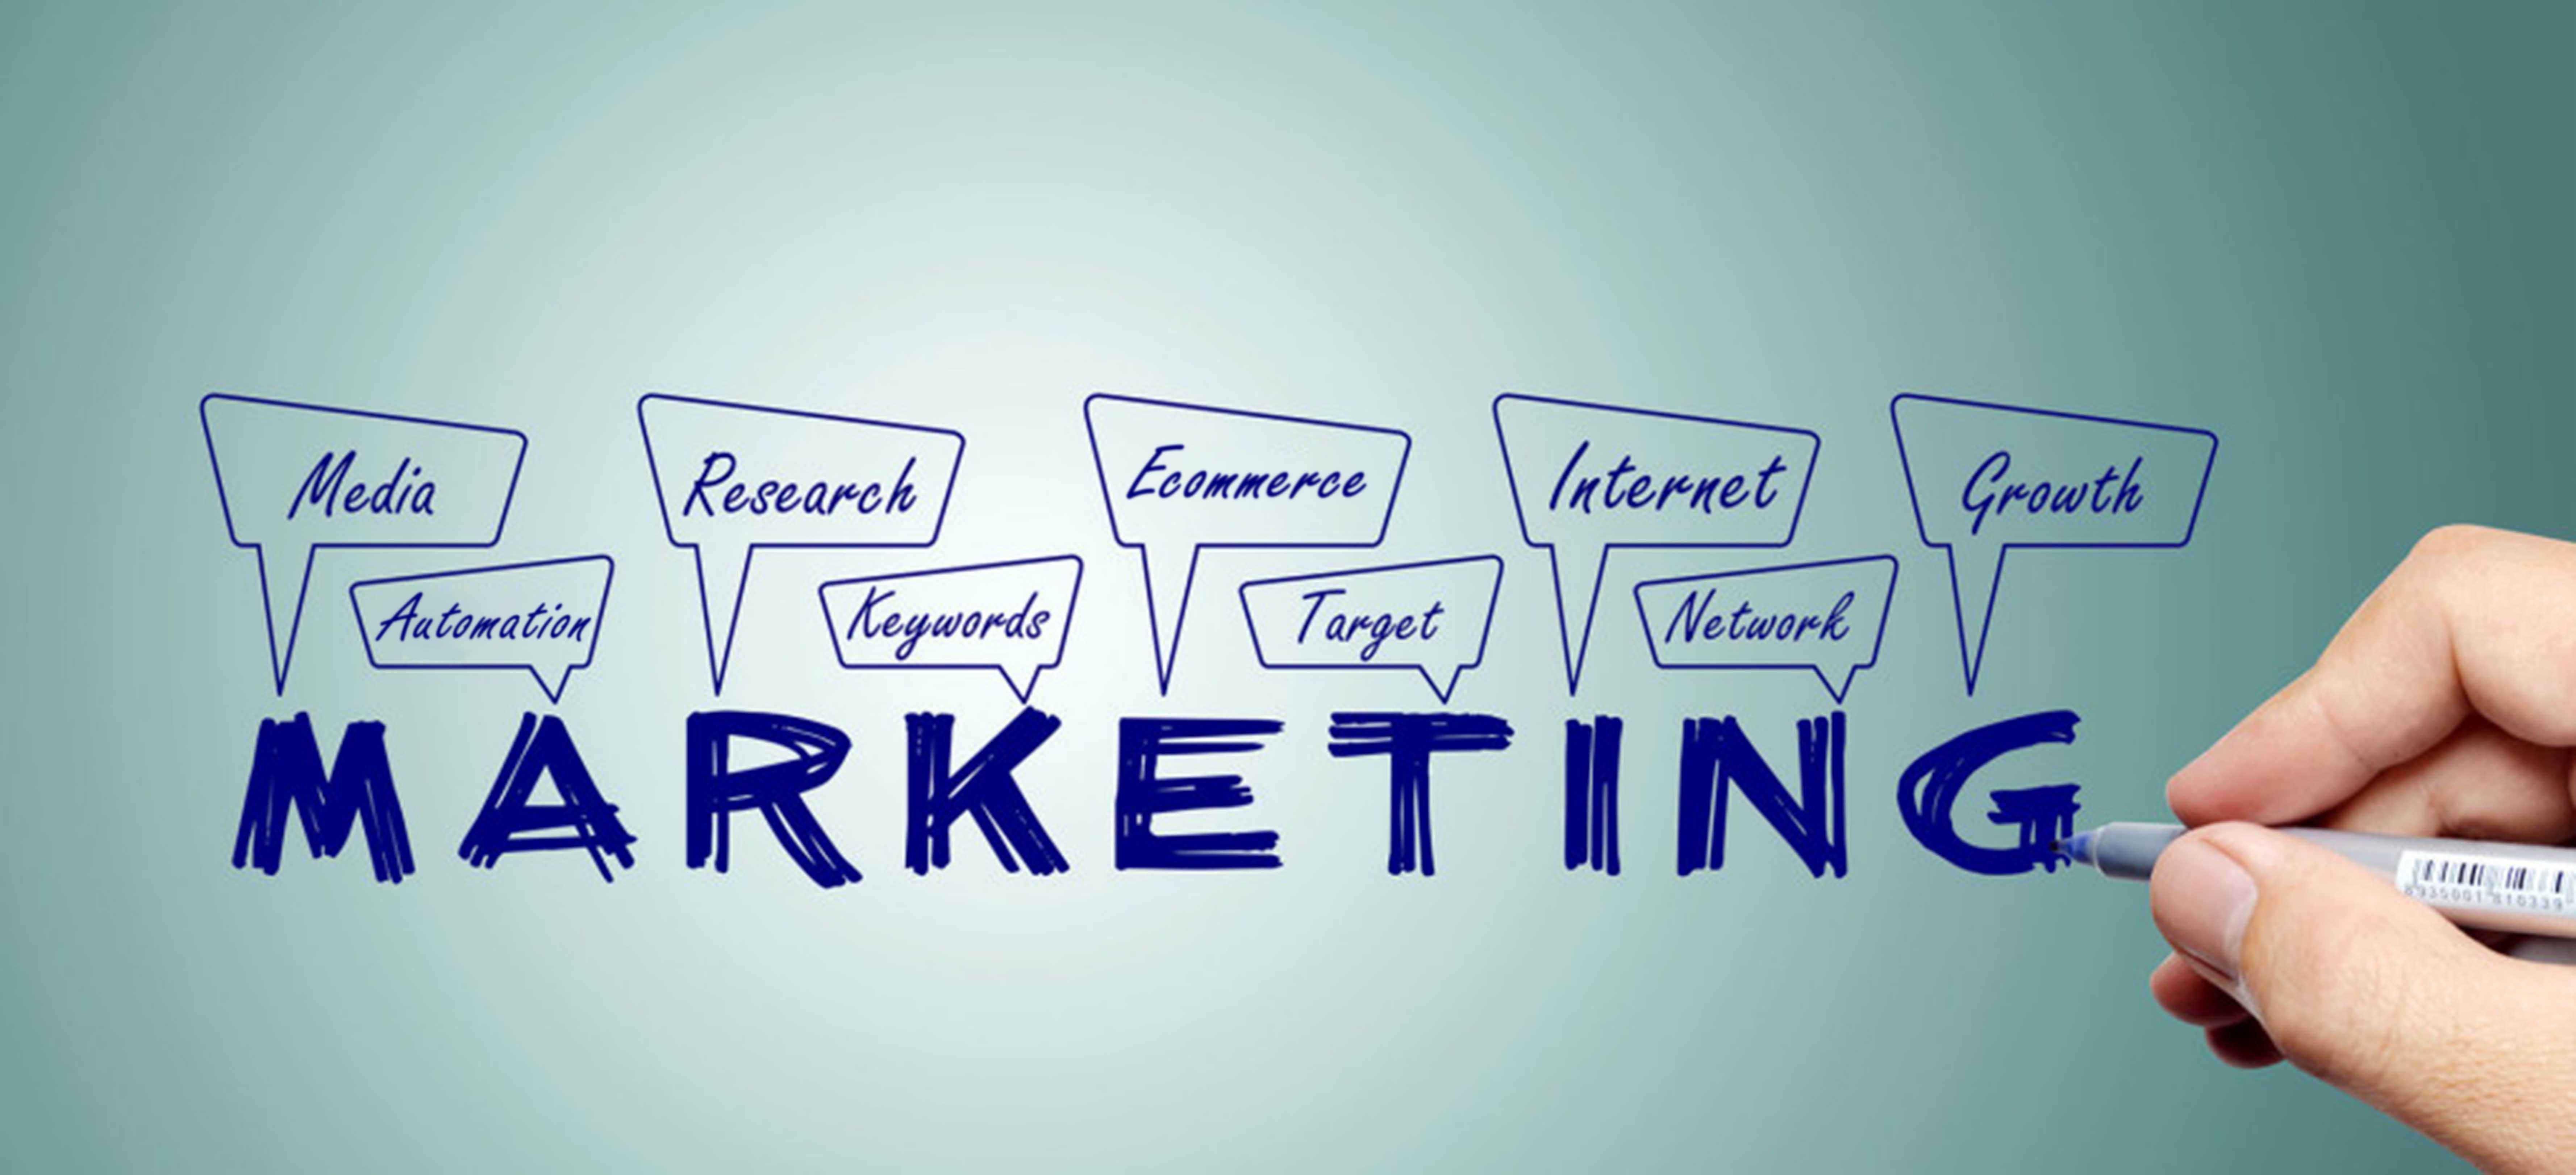 marketing strategy of tata sky